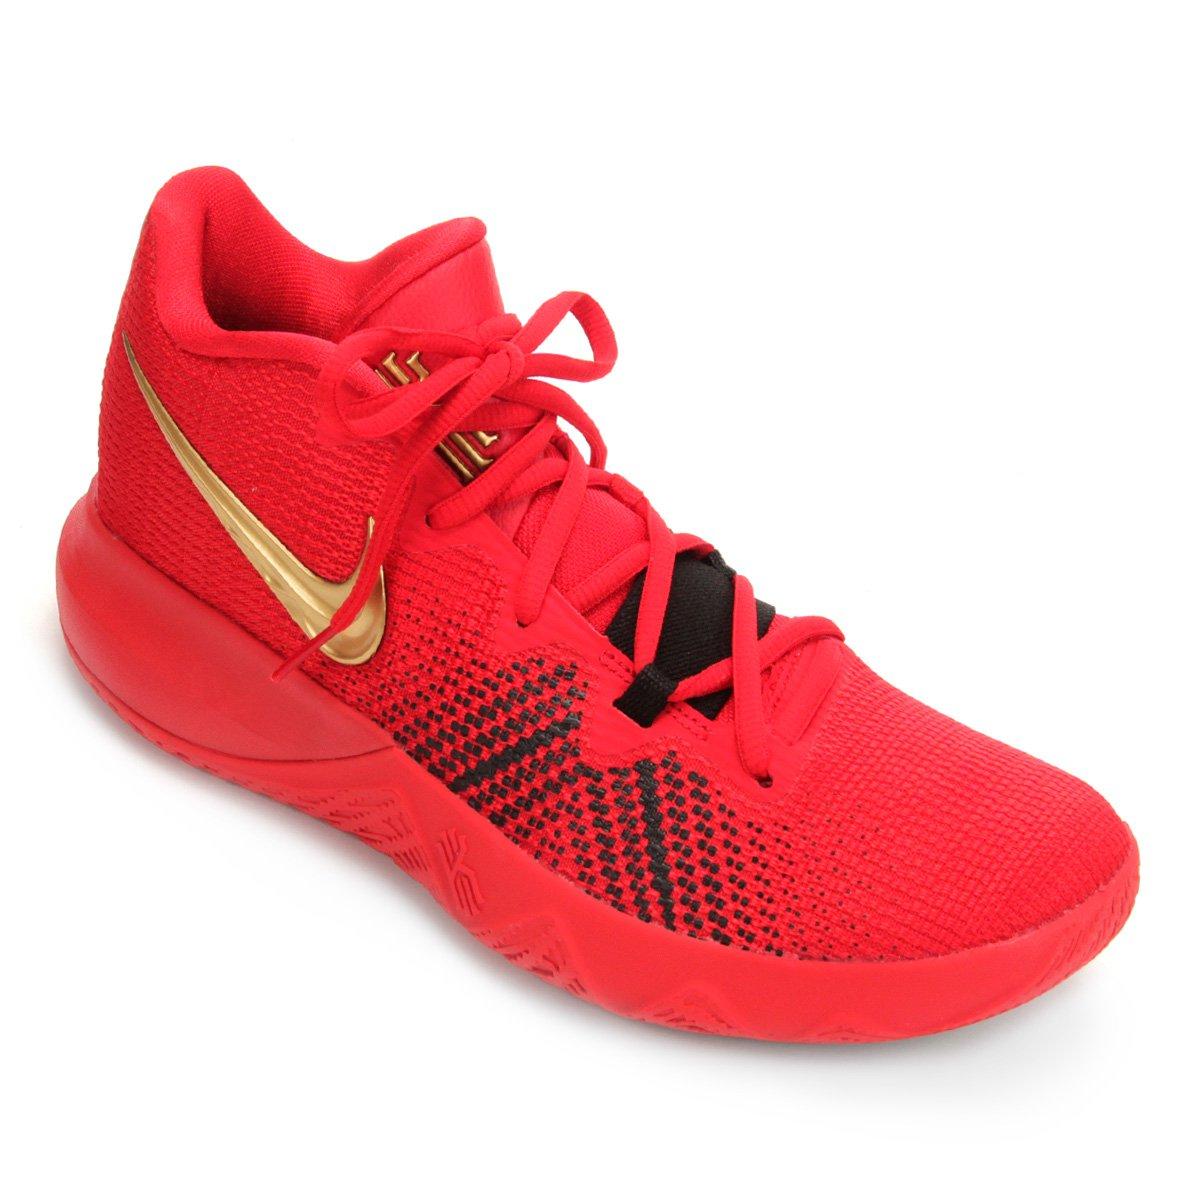 half off 33ca3 548dd Tênis Nike Kyrie Flytrap Masculino - Tam: 41 - Shopping TudoAzul